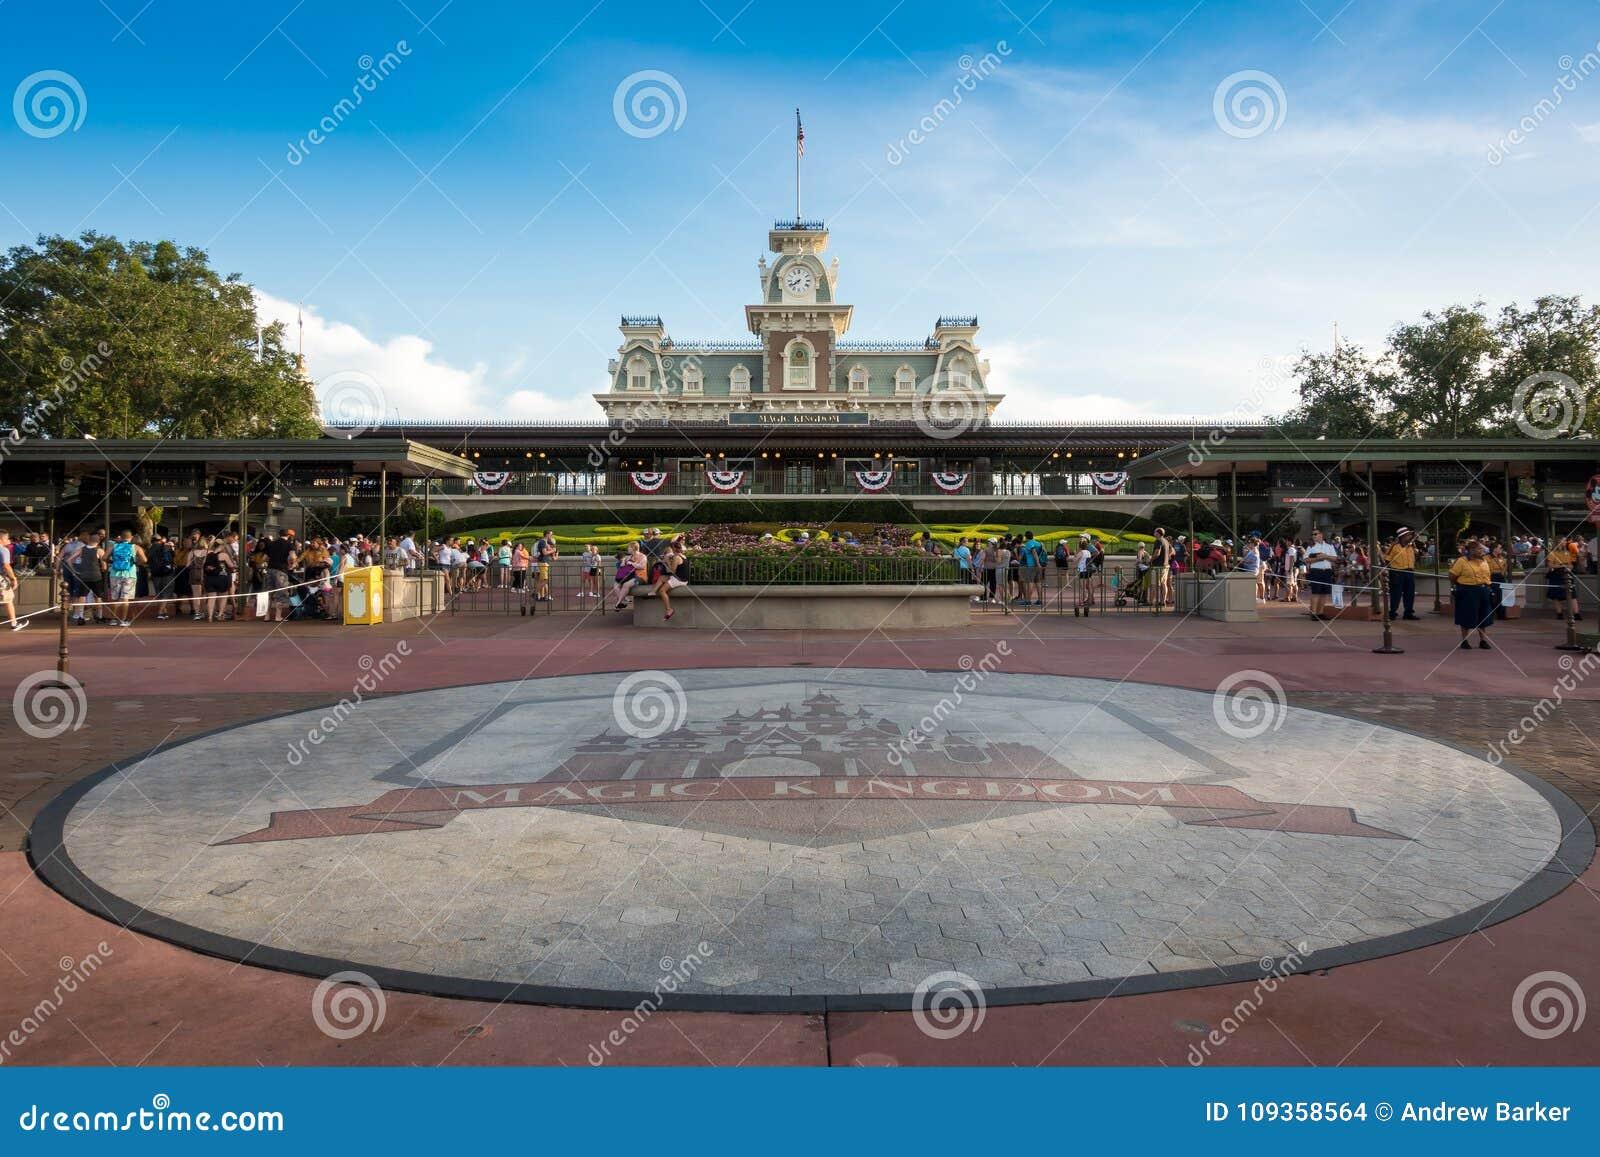 Parque temático mágico do reino